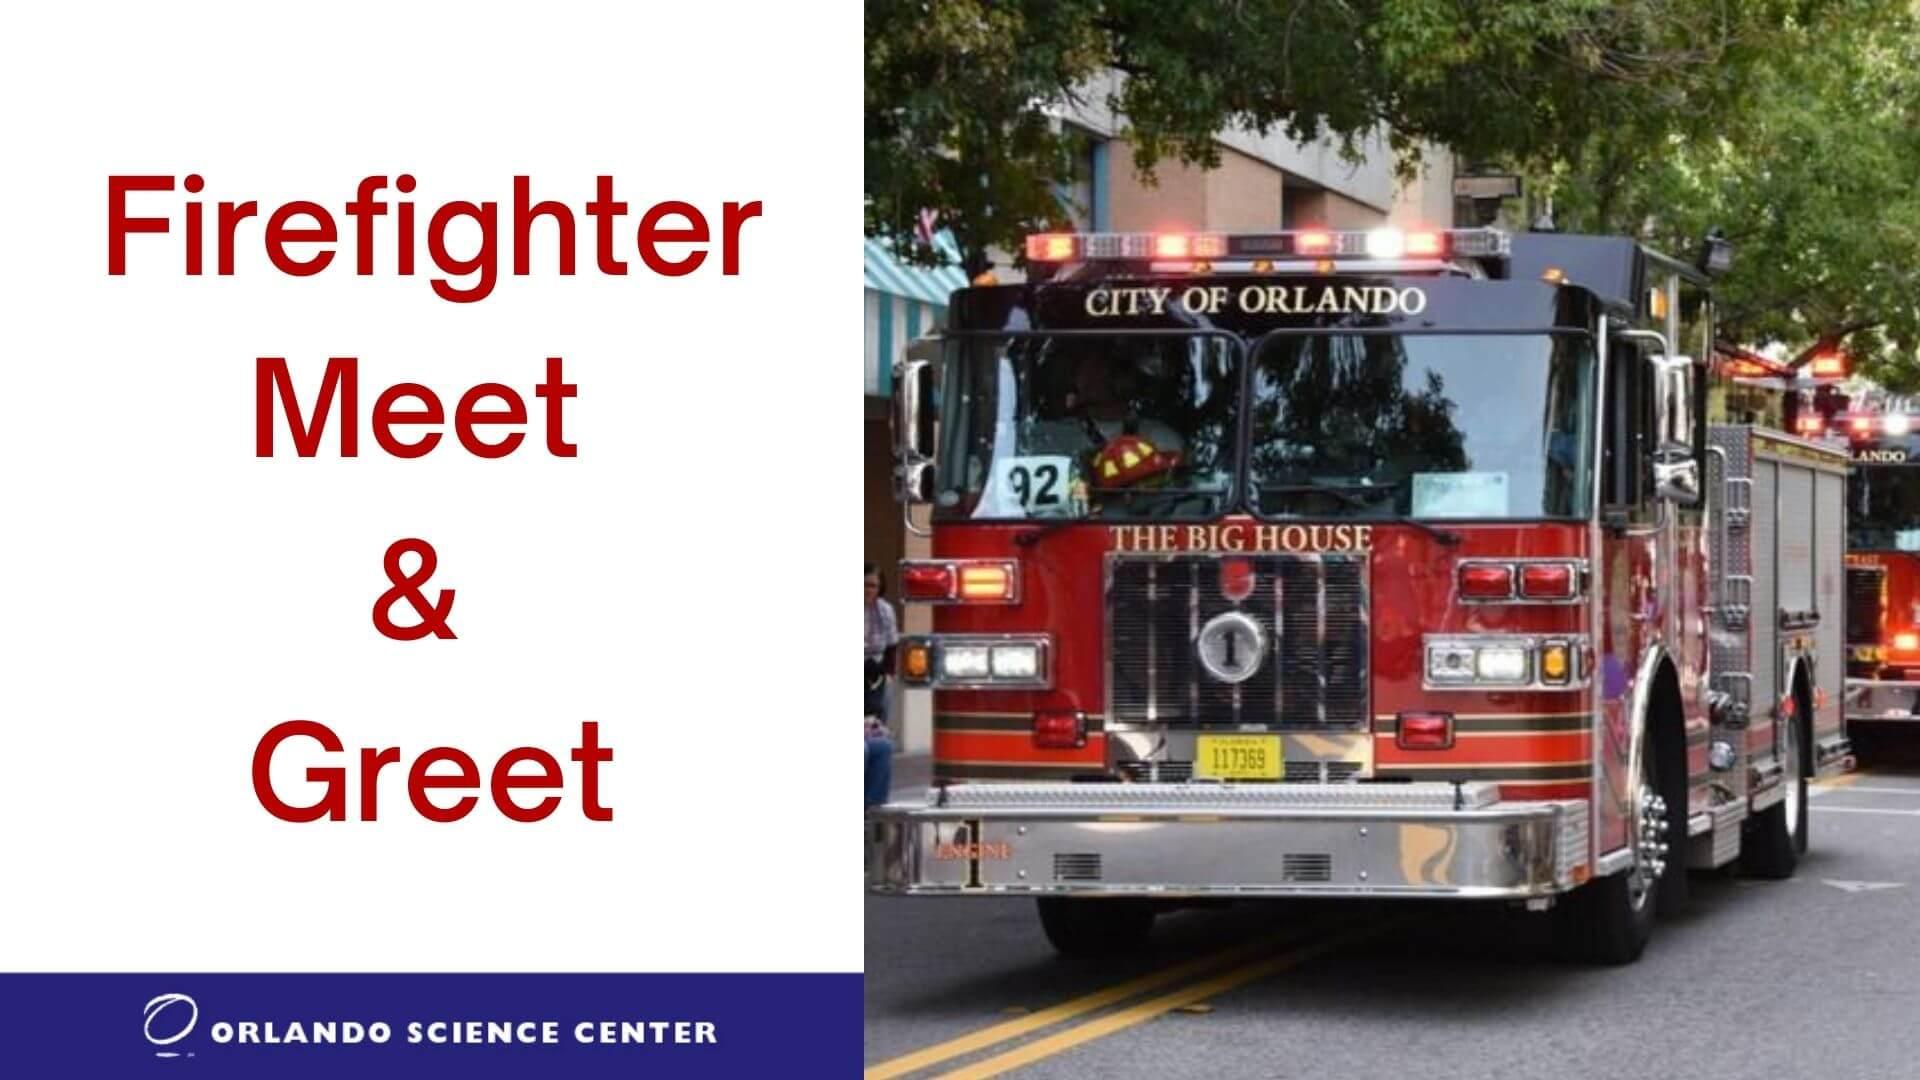 Firefighter meet and greet